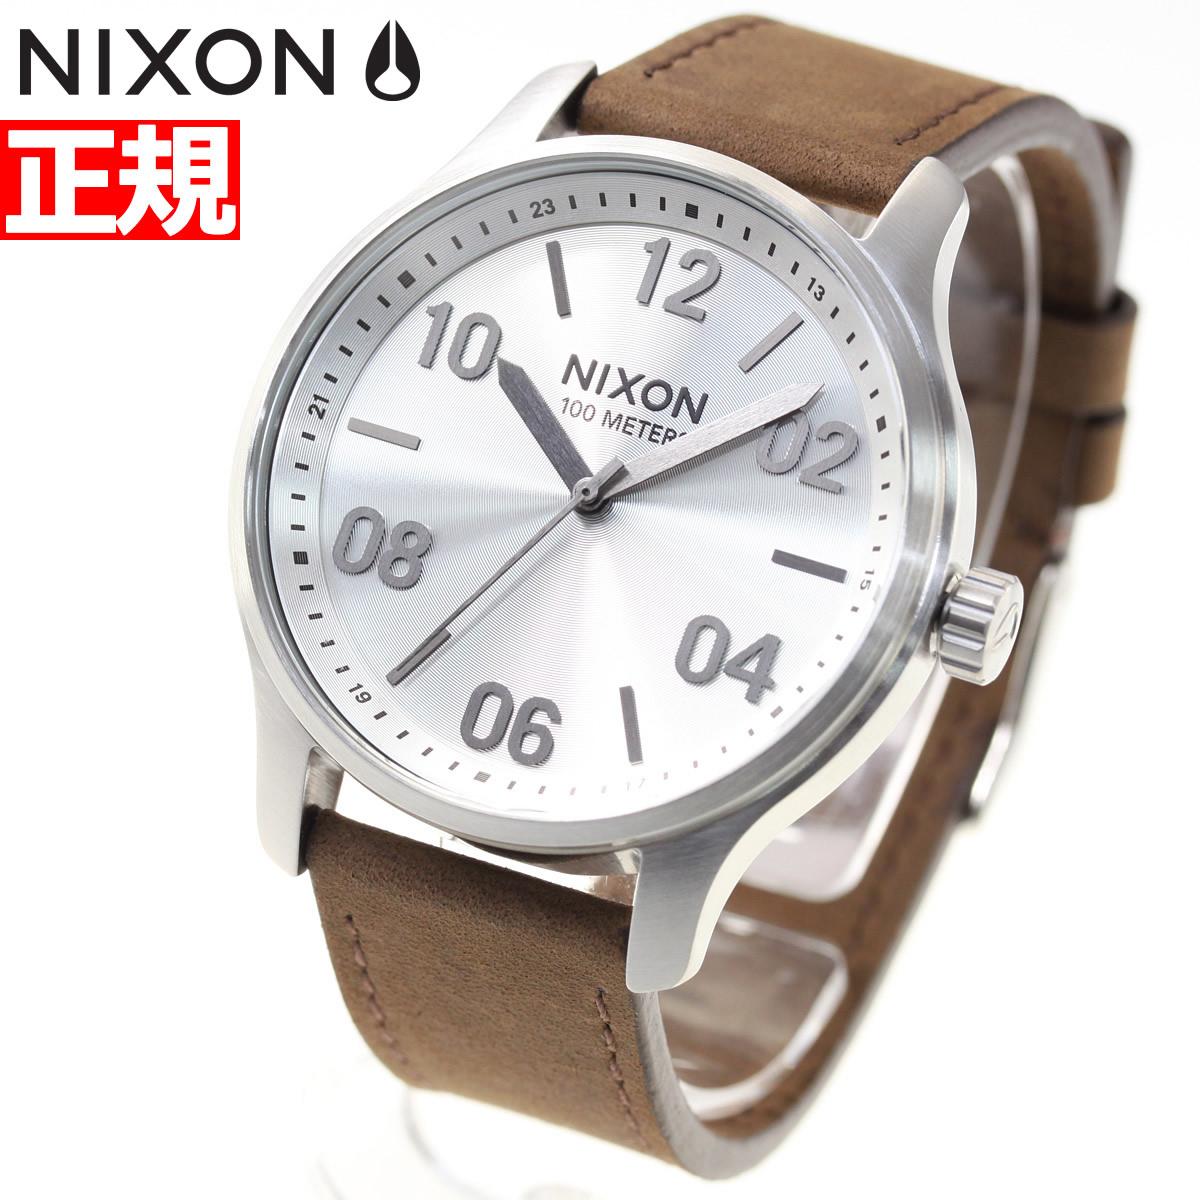 ニクソン NIXON パトロール レザー PATROL LEATHER 腕時計 メンズ シルバー/ブラウン NA12431113-00【2018 新作】